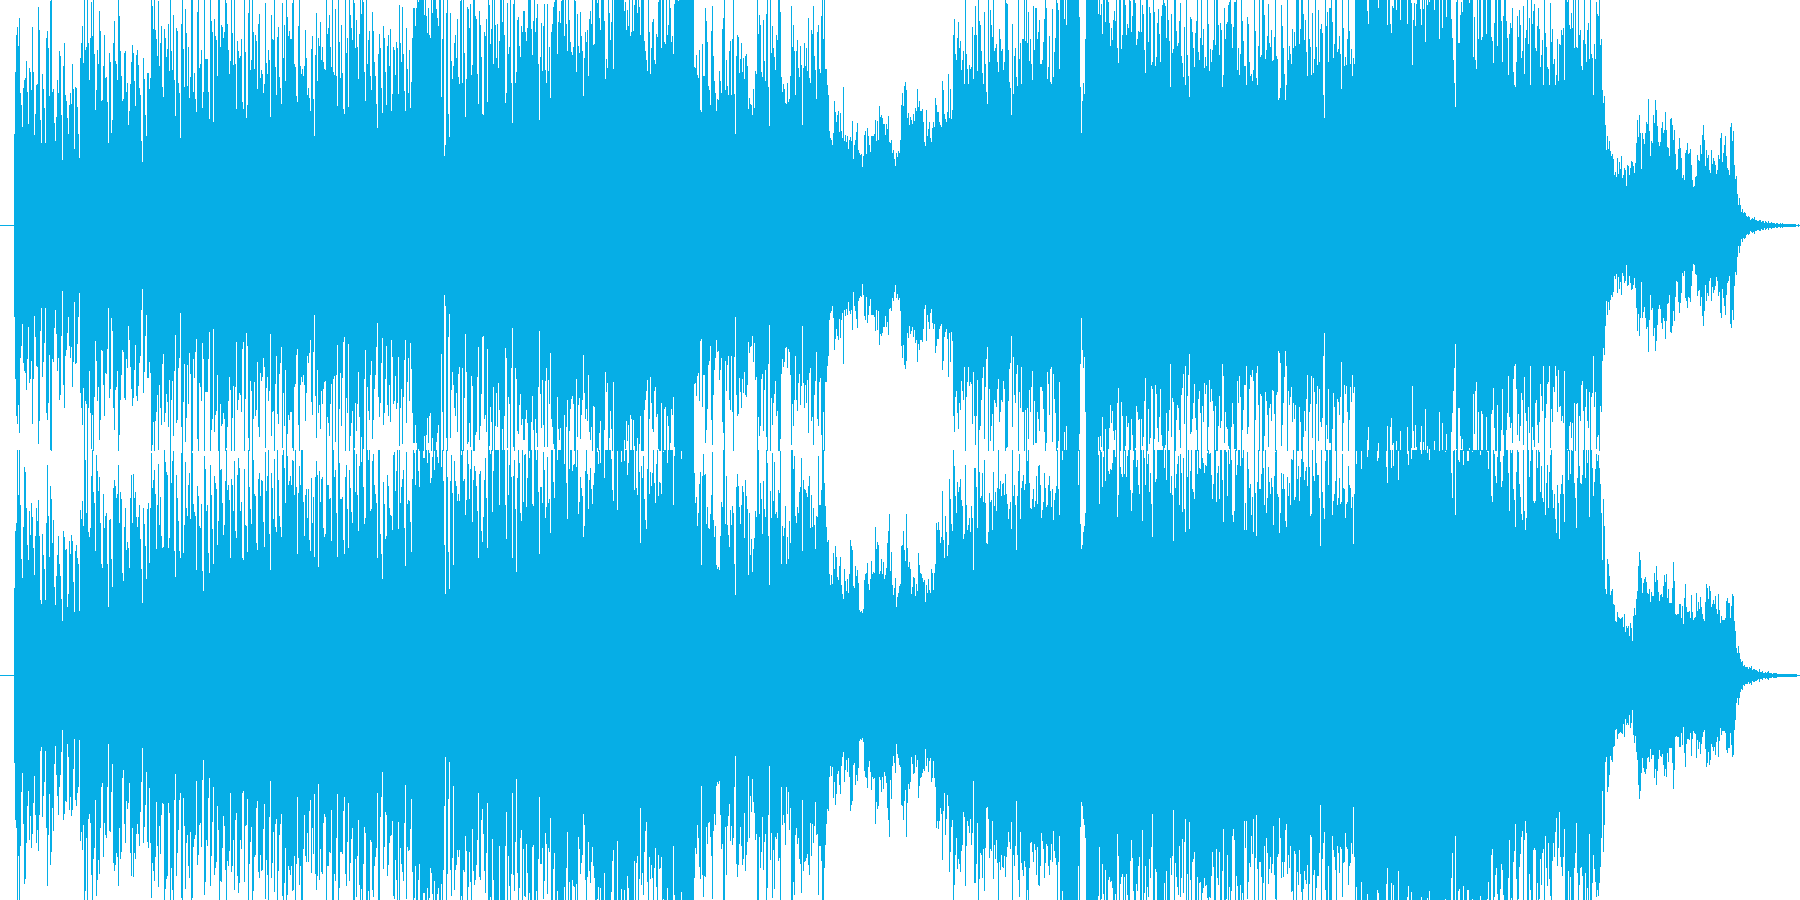 切ない旋律のオーケストラ調戦闘曲の再生済みの波形